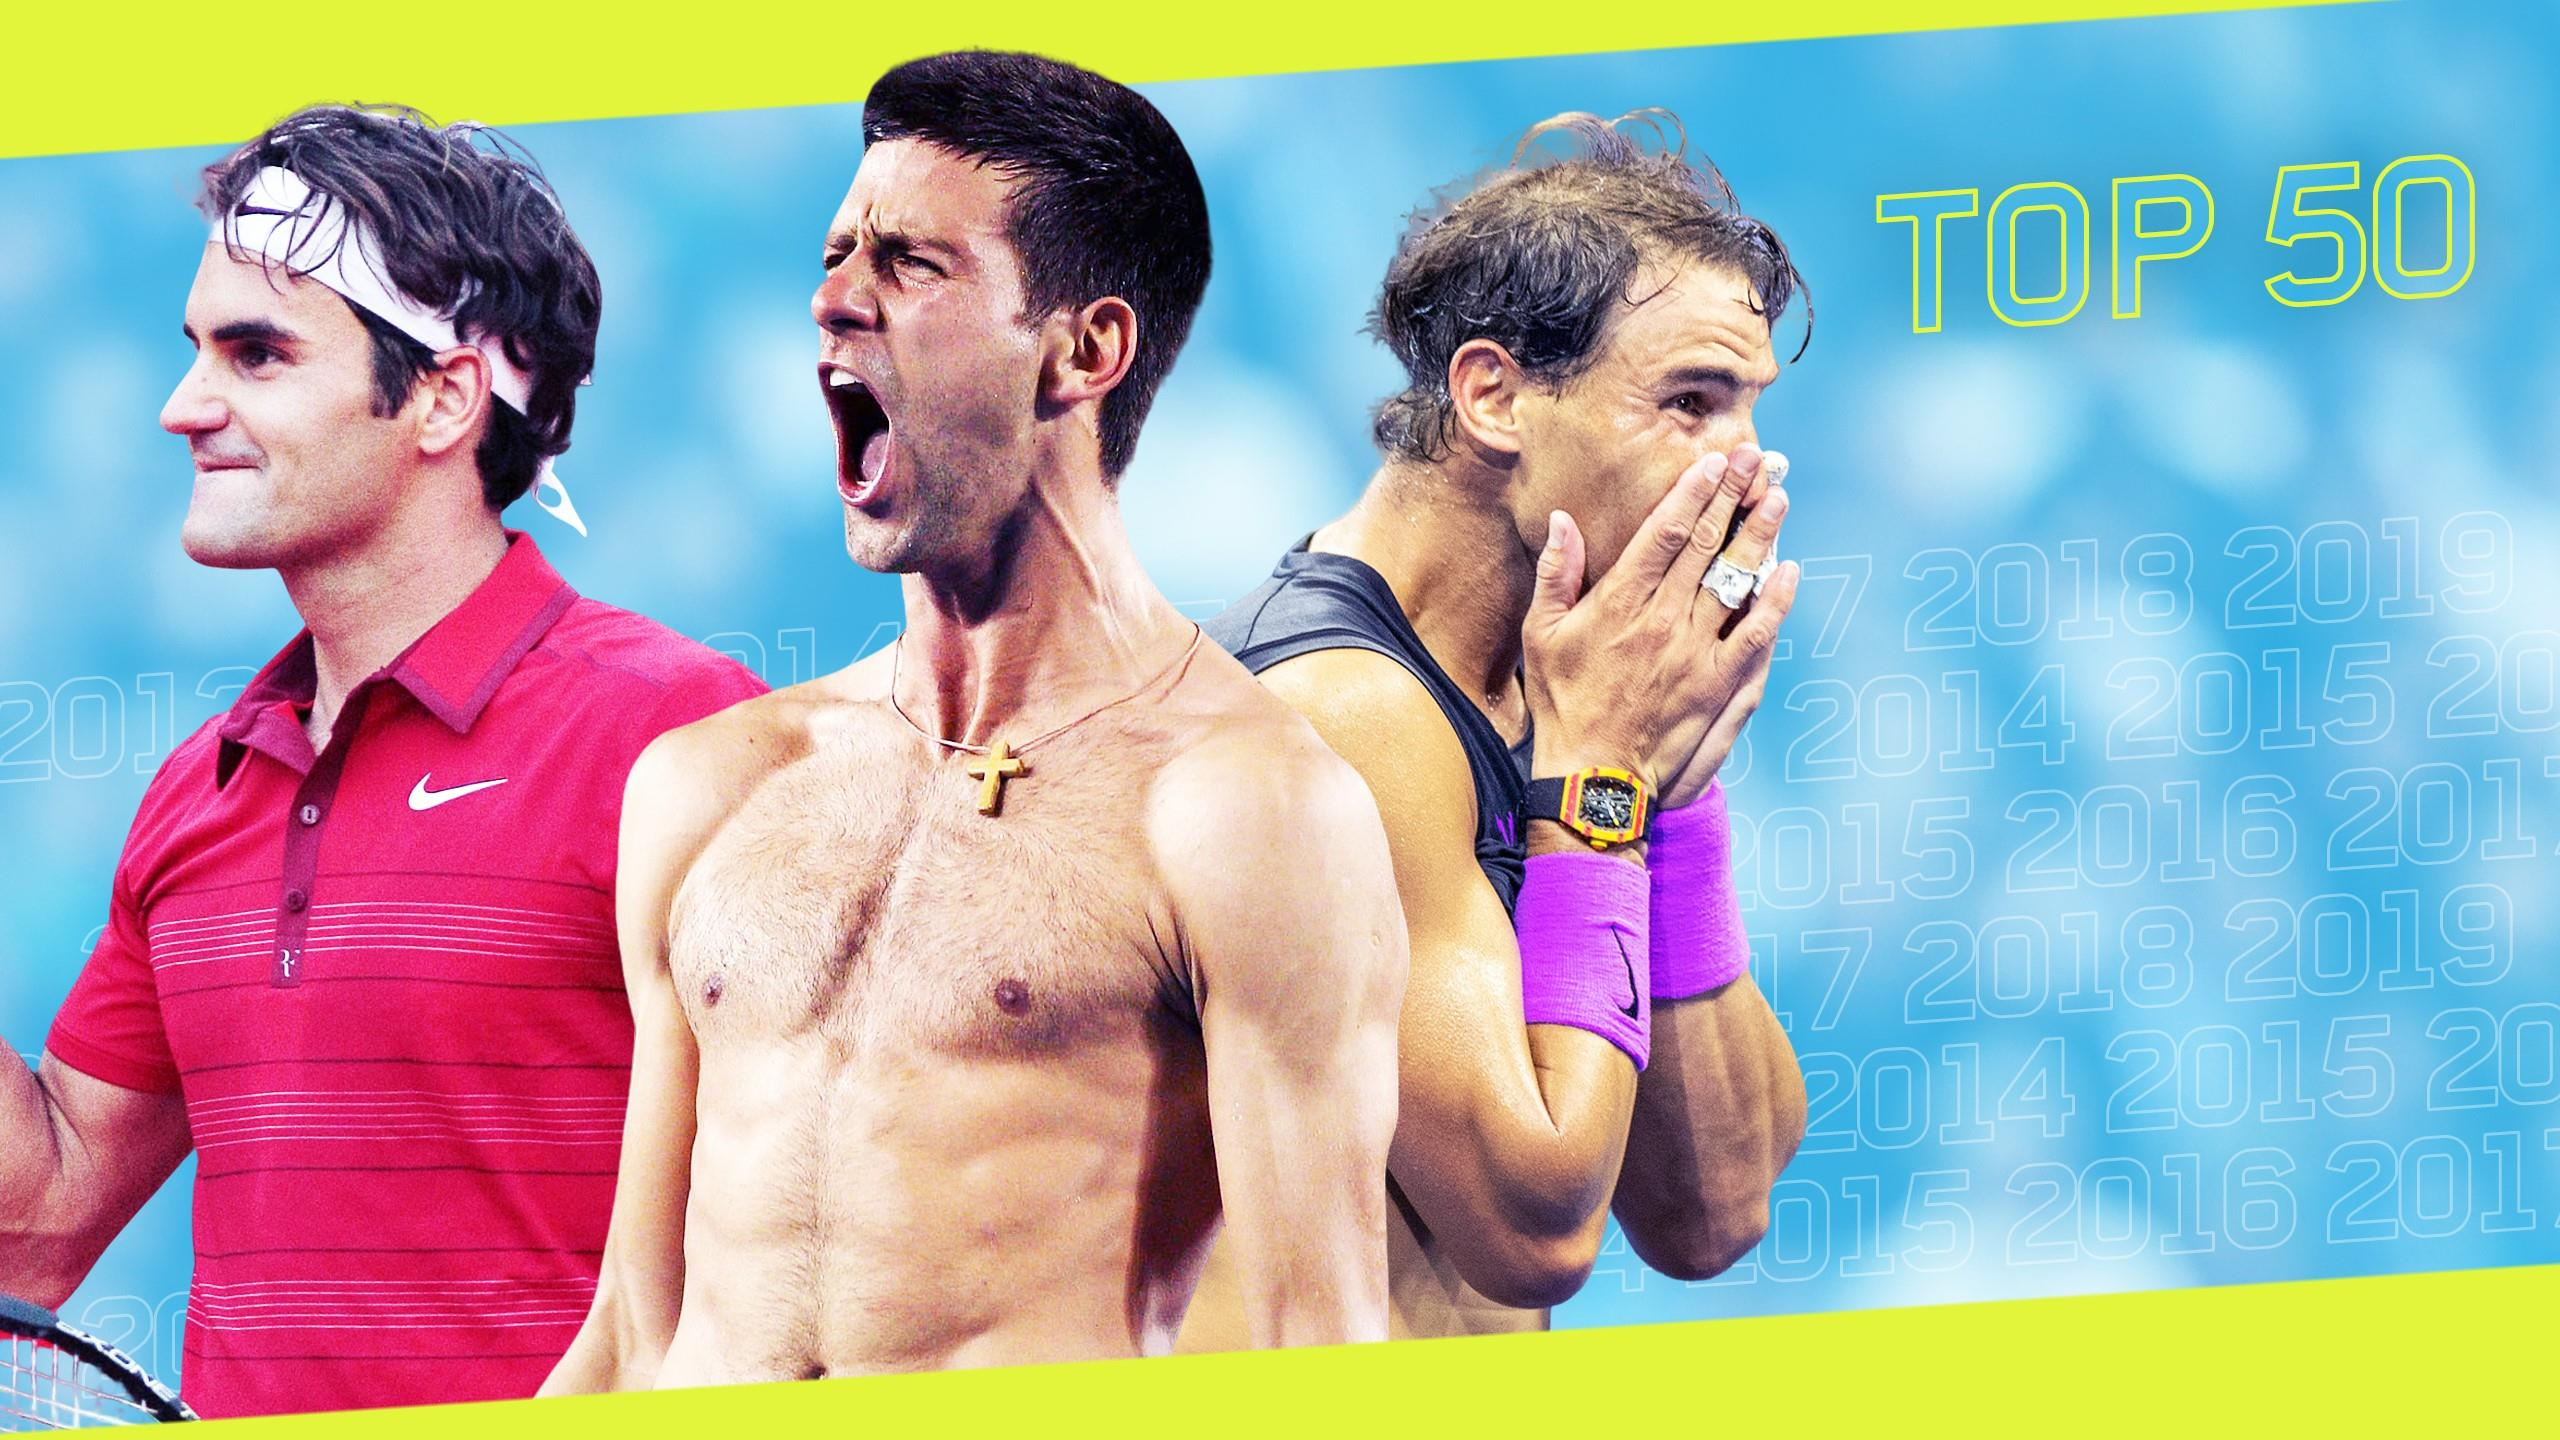 Le Top 50 des matches des années 2010 : Djokovic - Nadal, l'emblématique bataille de Melbourne